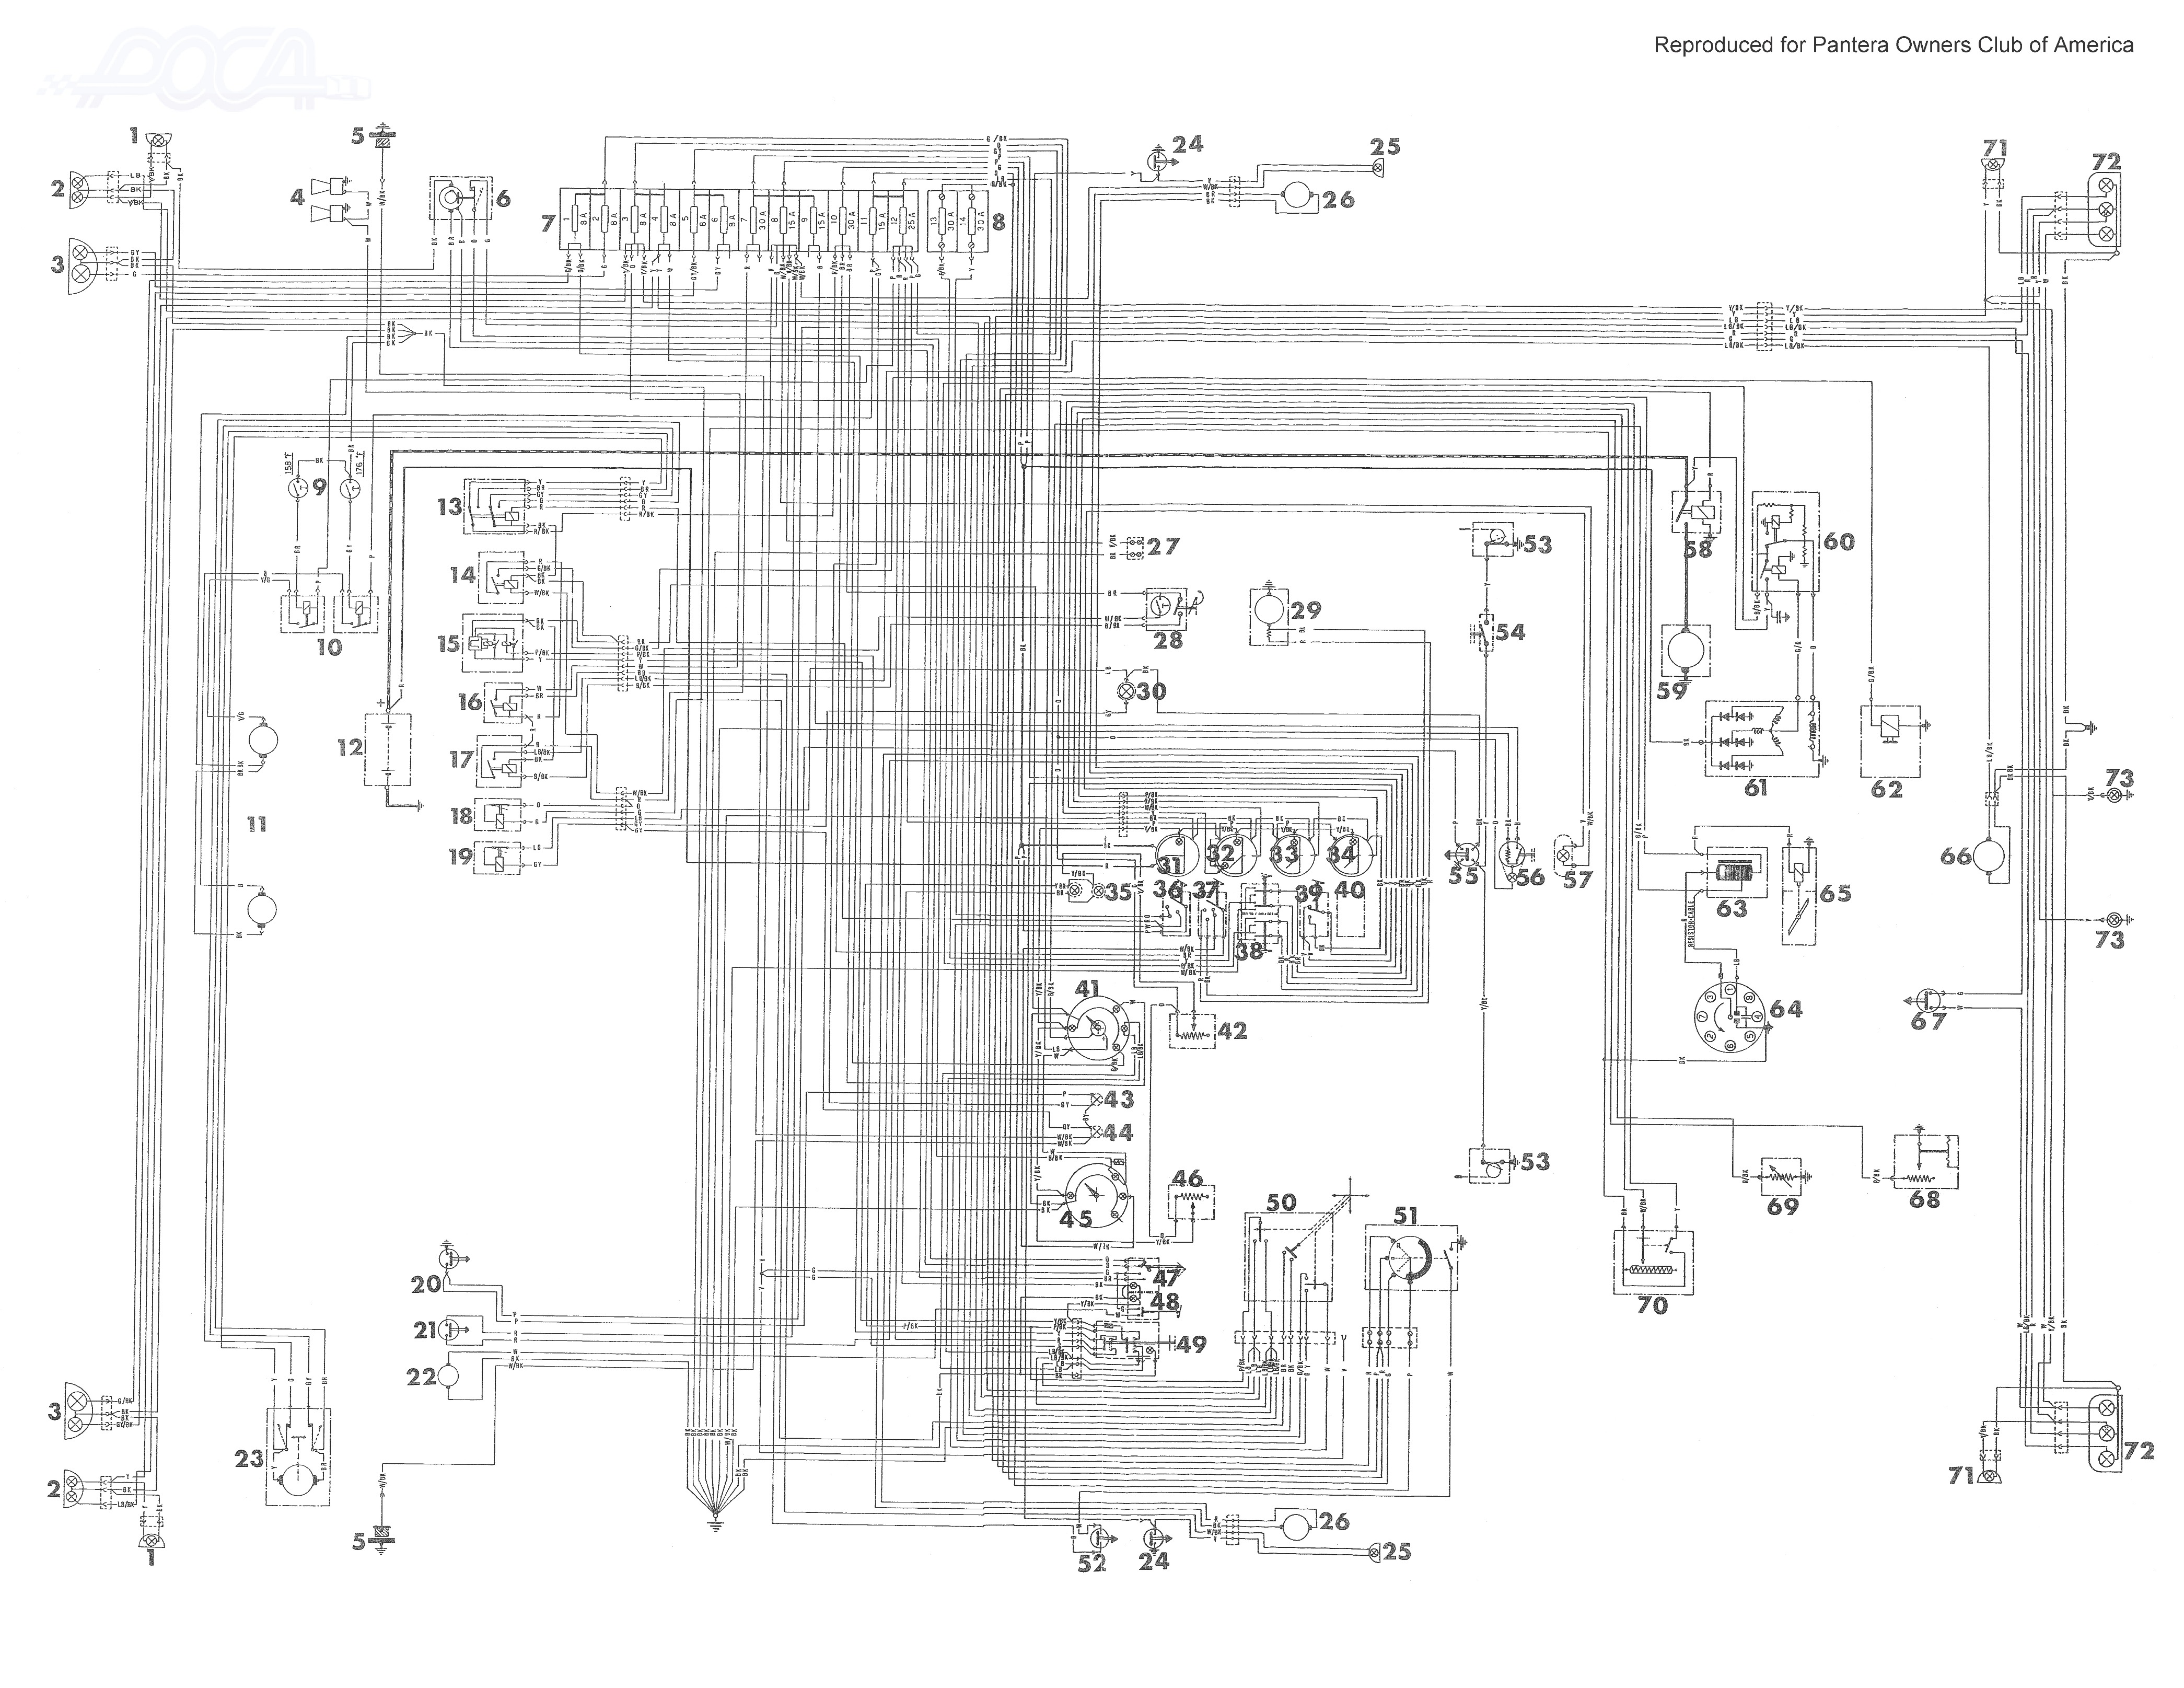 De+Tomaso+L+Schematic+Wiring+Diagram?t\\\=1508404309 iveco 75e15 wiring diagram iveco cargo 75e15 wiring diagram iveco 75e15 wiring diagram at panicattacktreatment.co